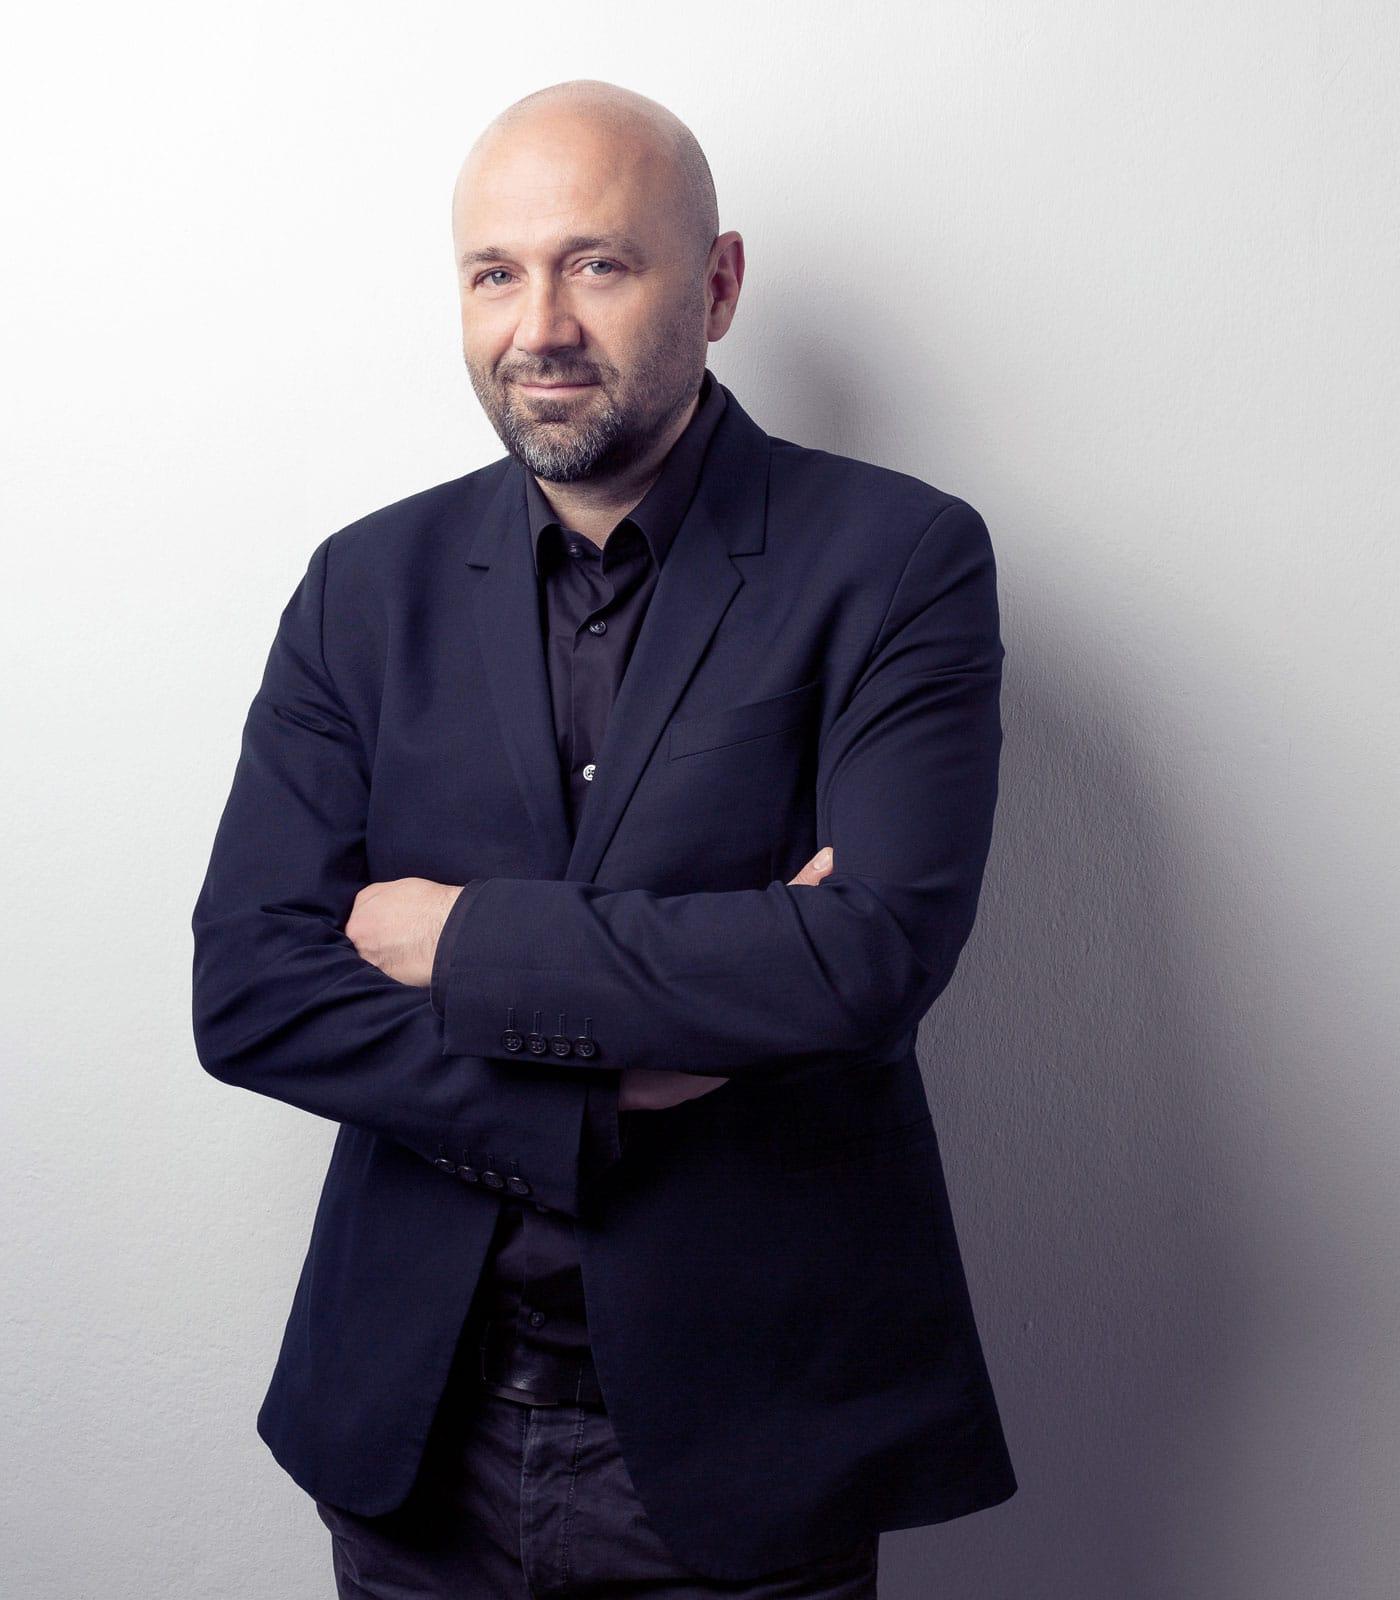 Architekt und Künstler Jürgen H. Mayer unterstützt den Wettbewerb jugend creativ // HIMBEER